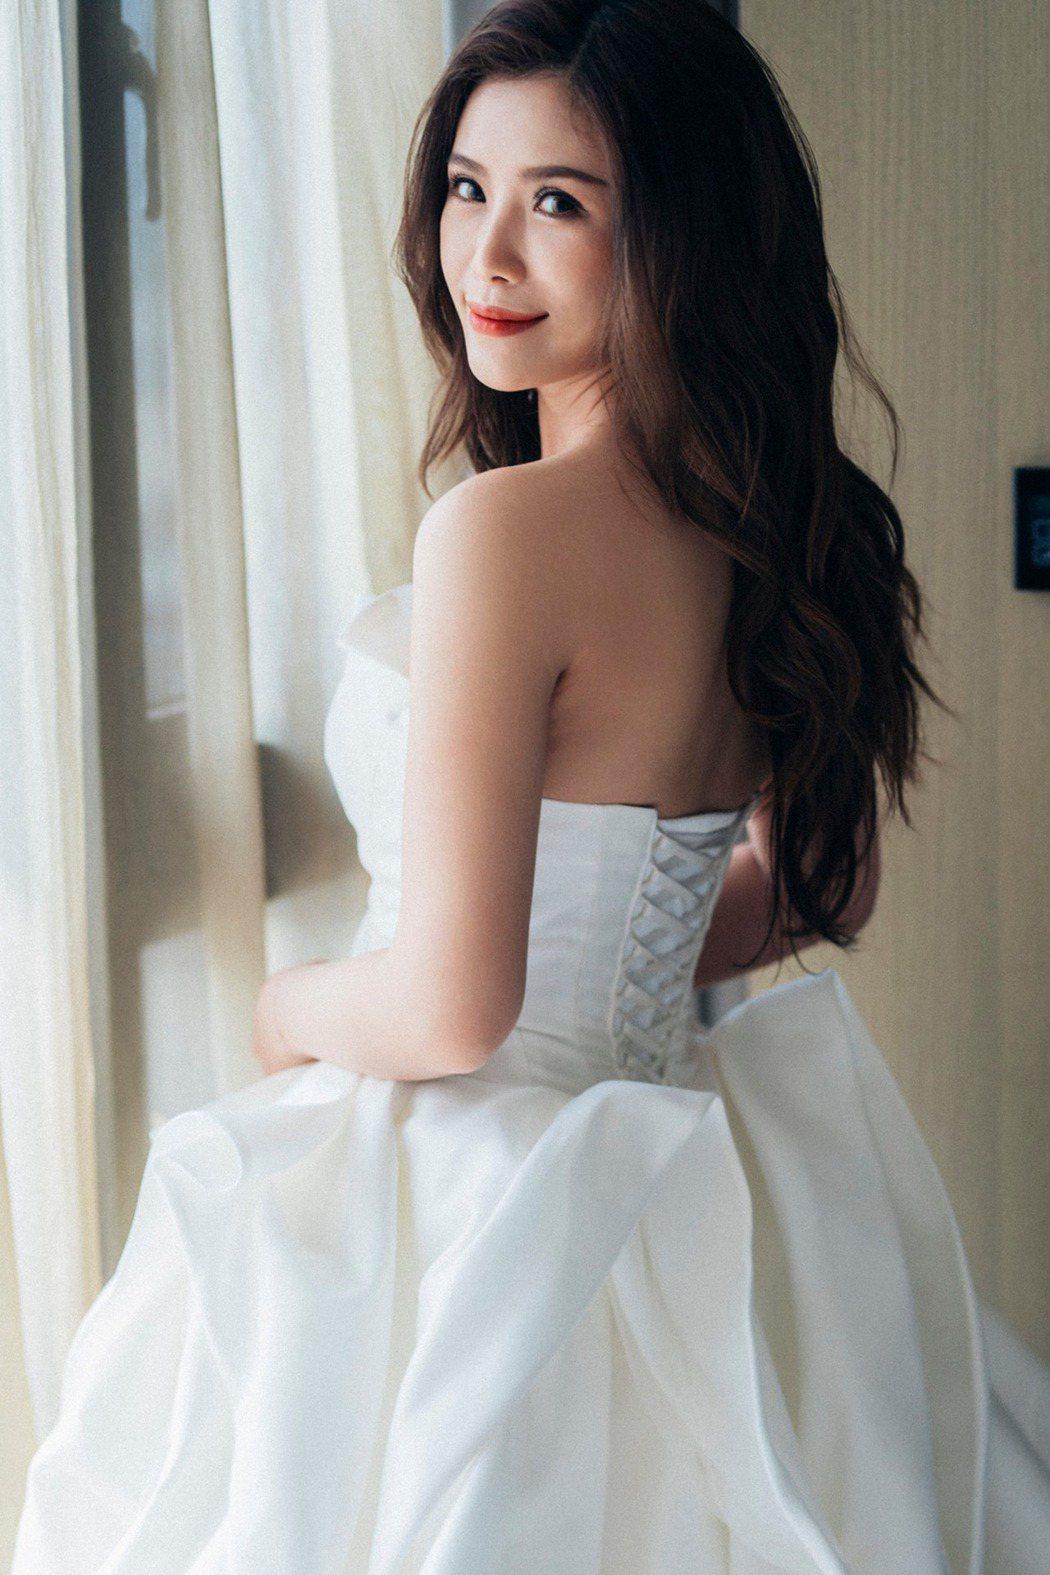 華視主播宋燕旻身材姣好,長相甜美。圖/摘自臉書